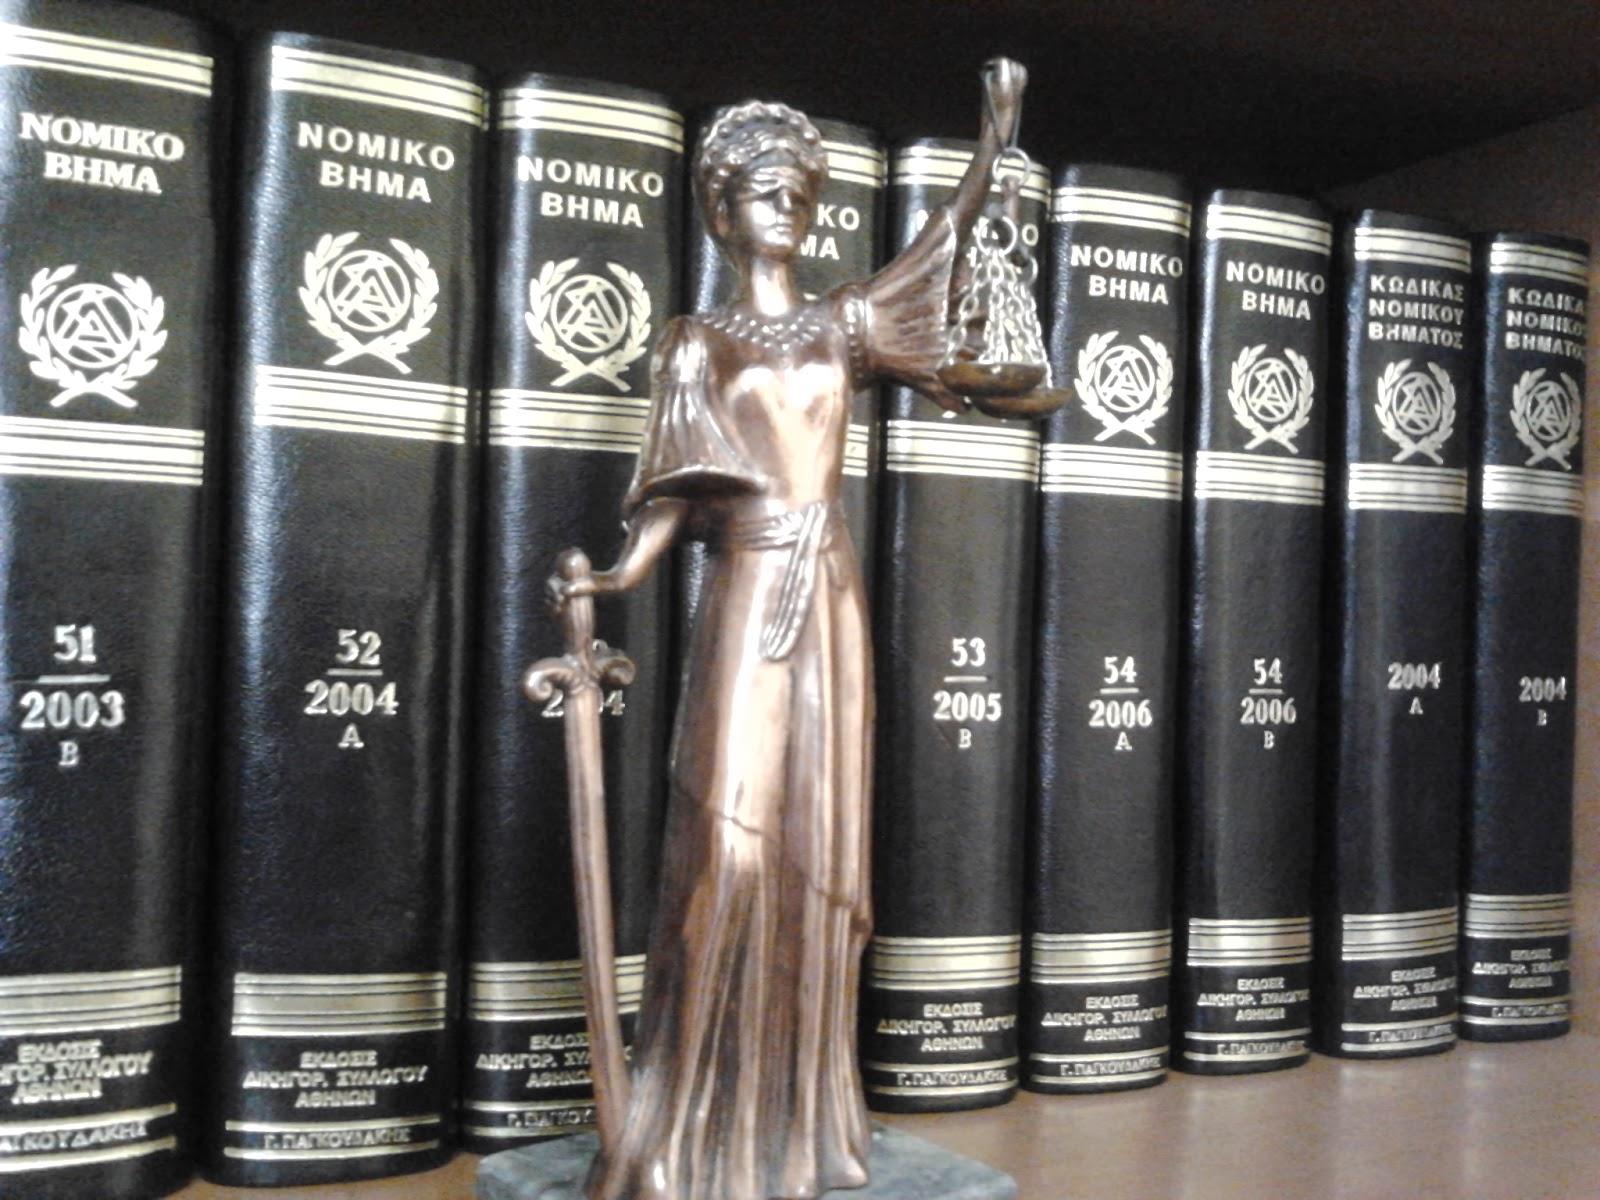 παραγραφή ποινών στο Ποινικό Δίκαιο - Δικηγόρος Καβάλας Γ.Γιαγκουδάκης